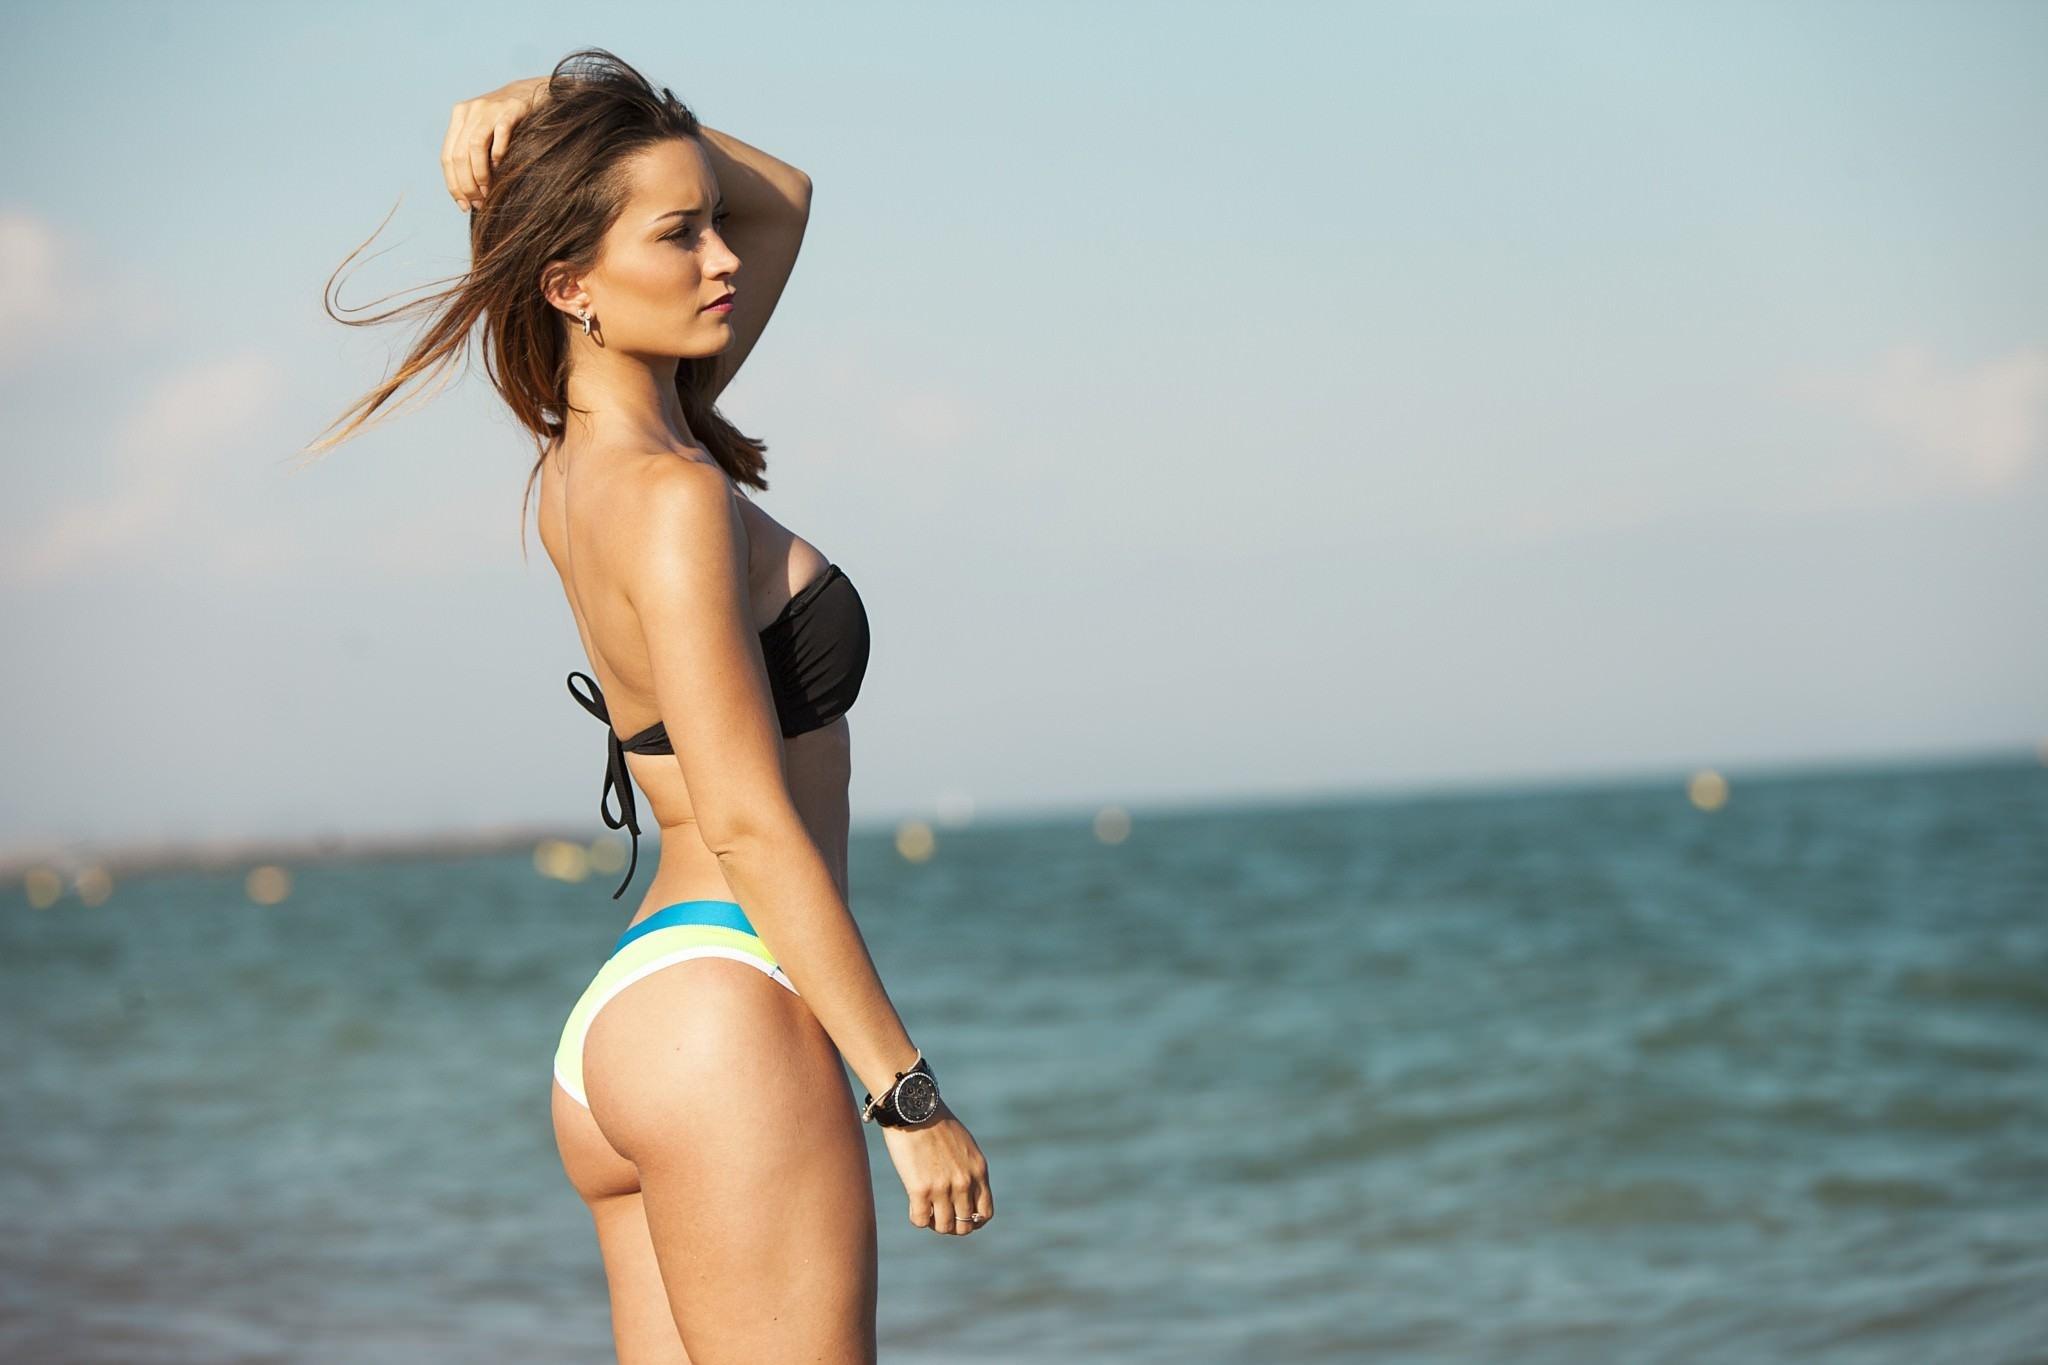 Фото Молодая девушка, море, бикини, сочные бедра, красивая попа, брюнетка, скачать картинку бесплатно